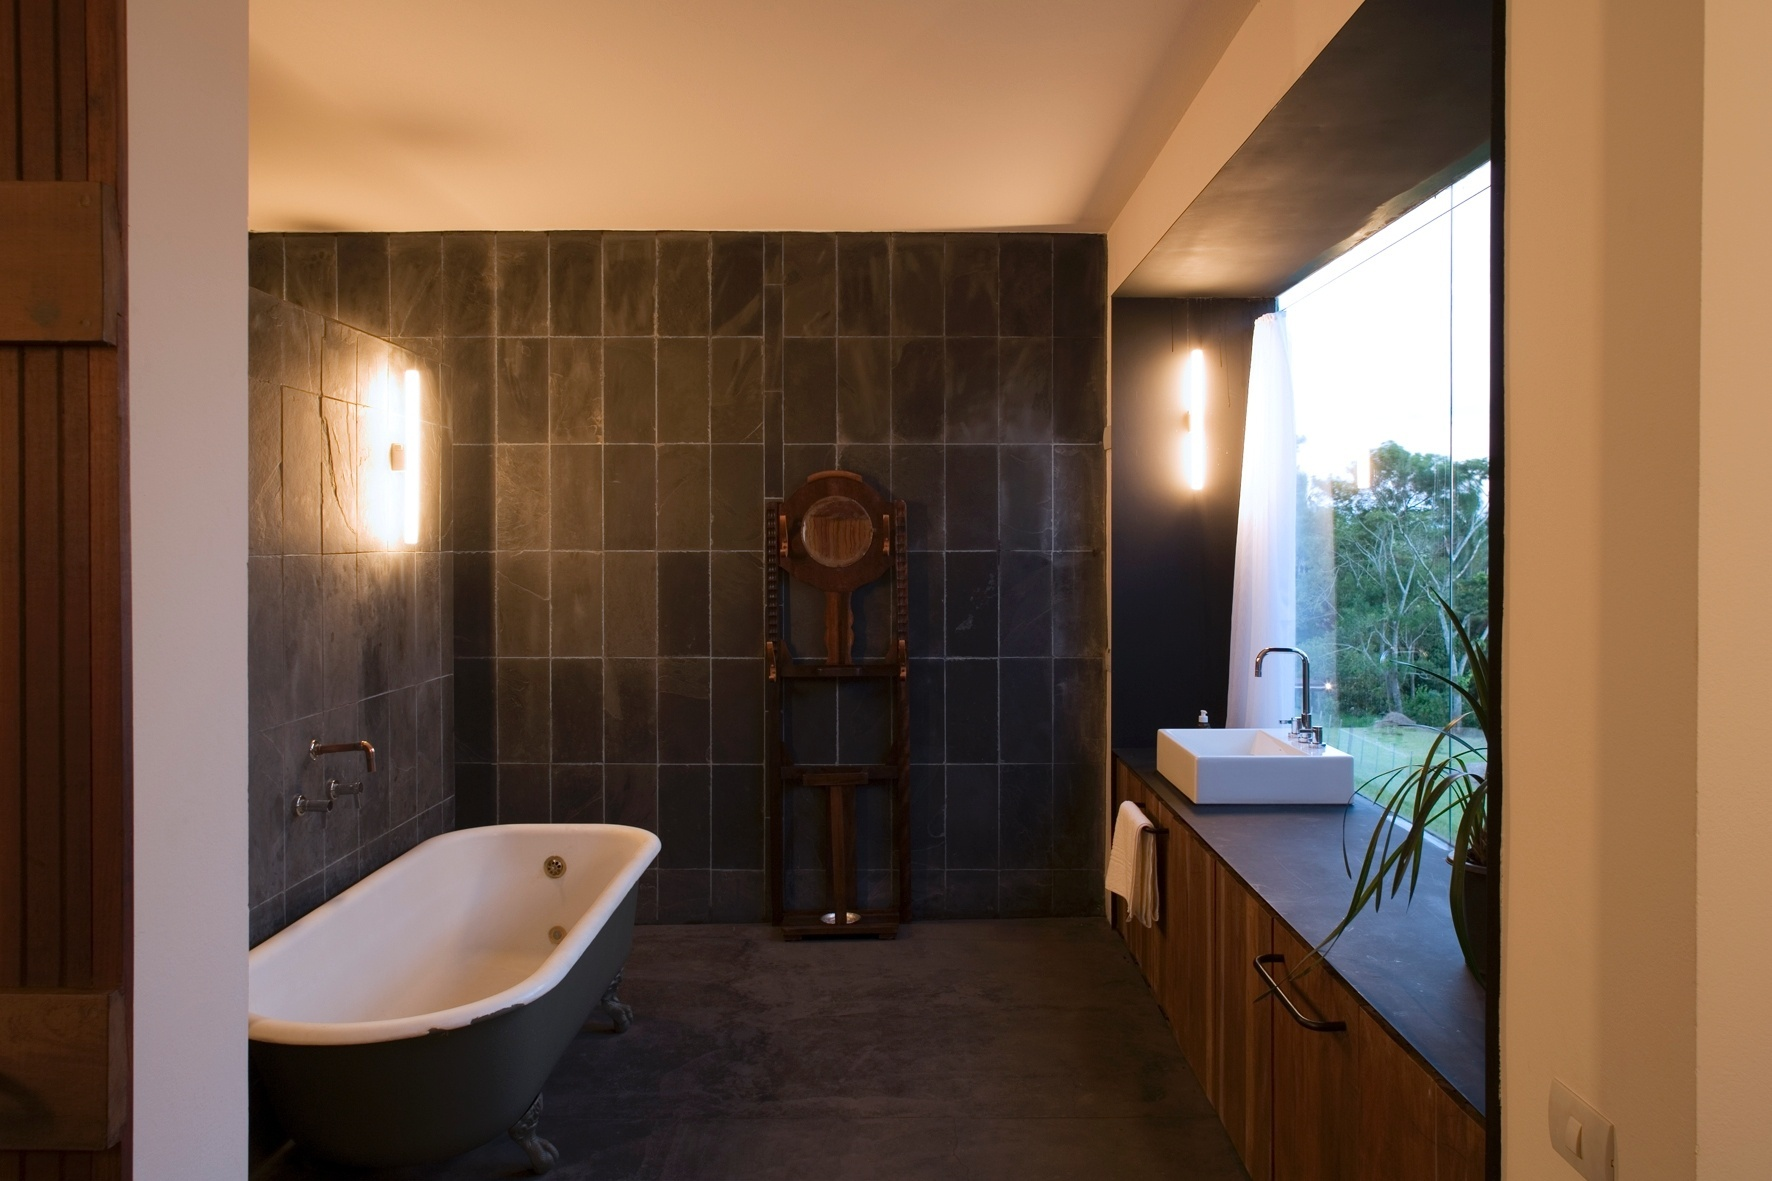 Banheiros: sugestões para decoração tendo muito ou pouco espaço #A56326 1772 1181